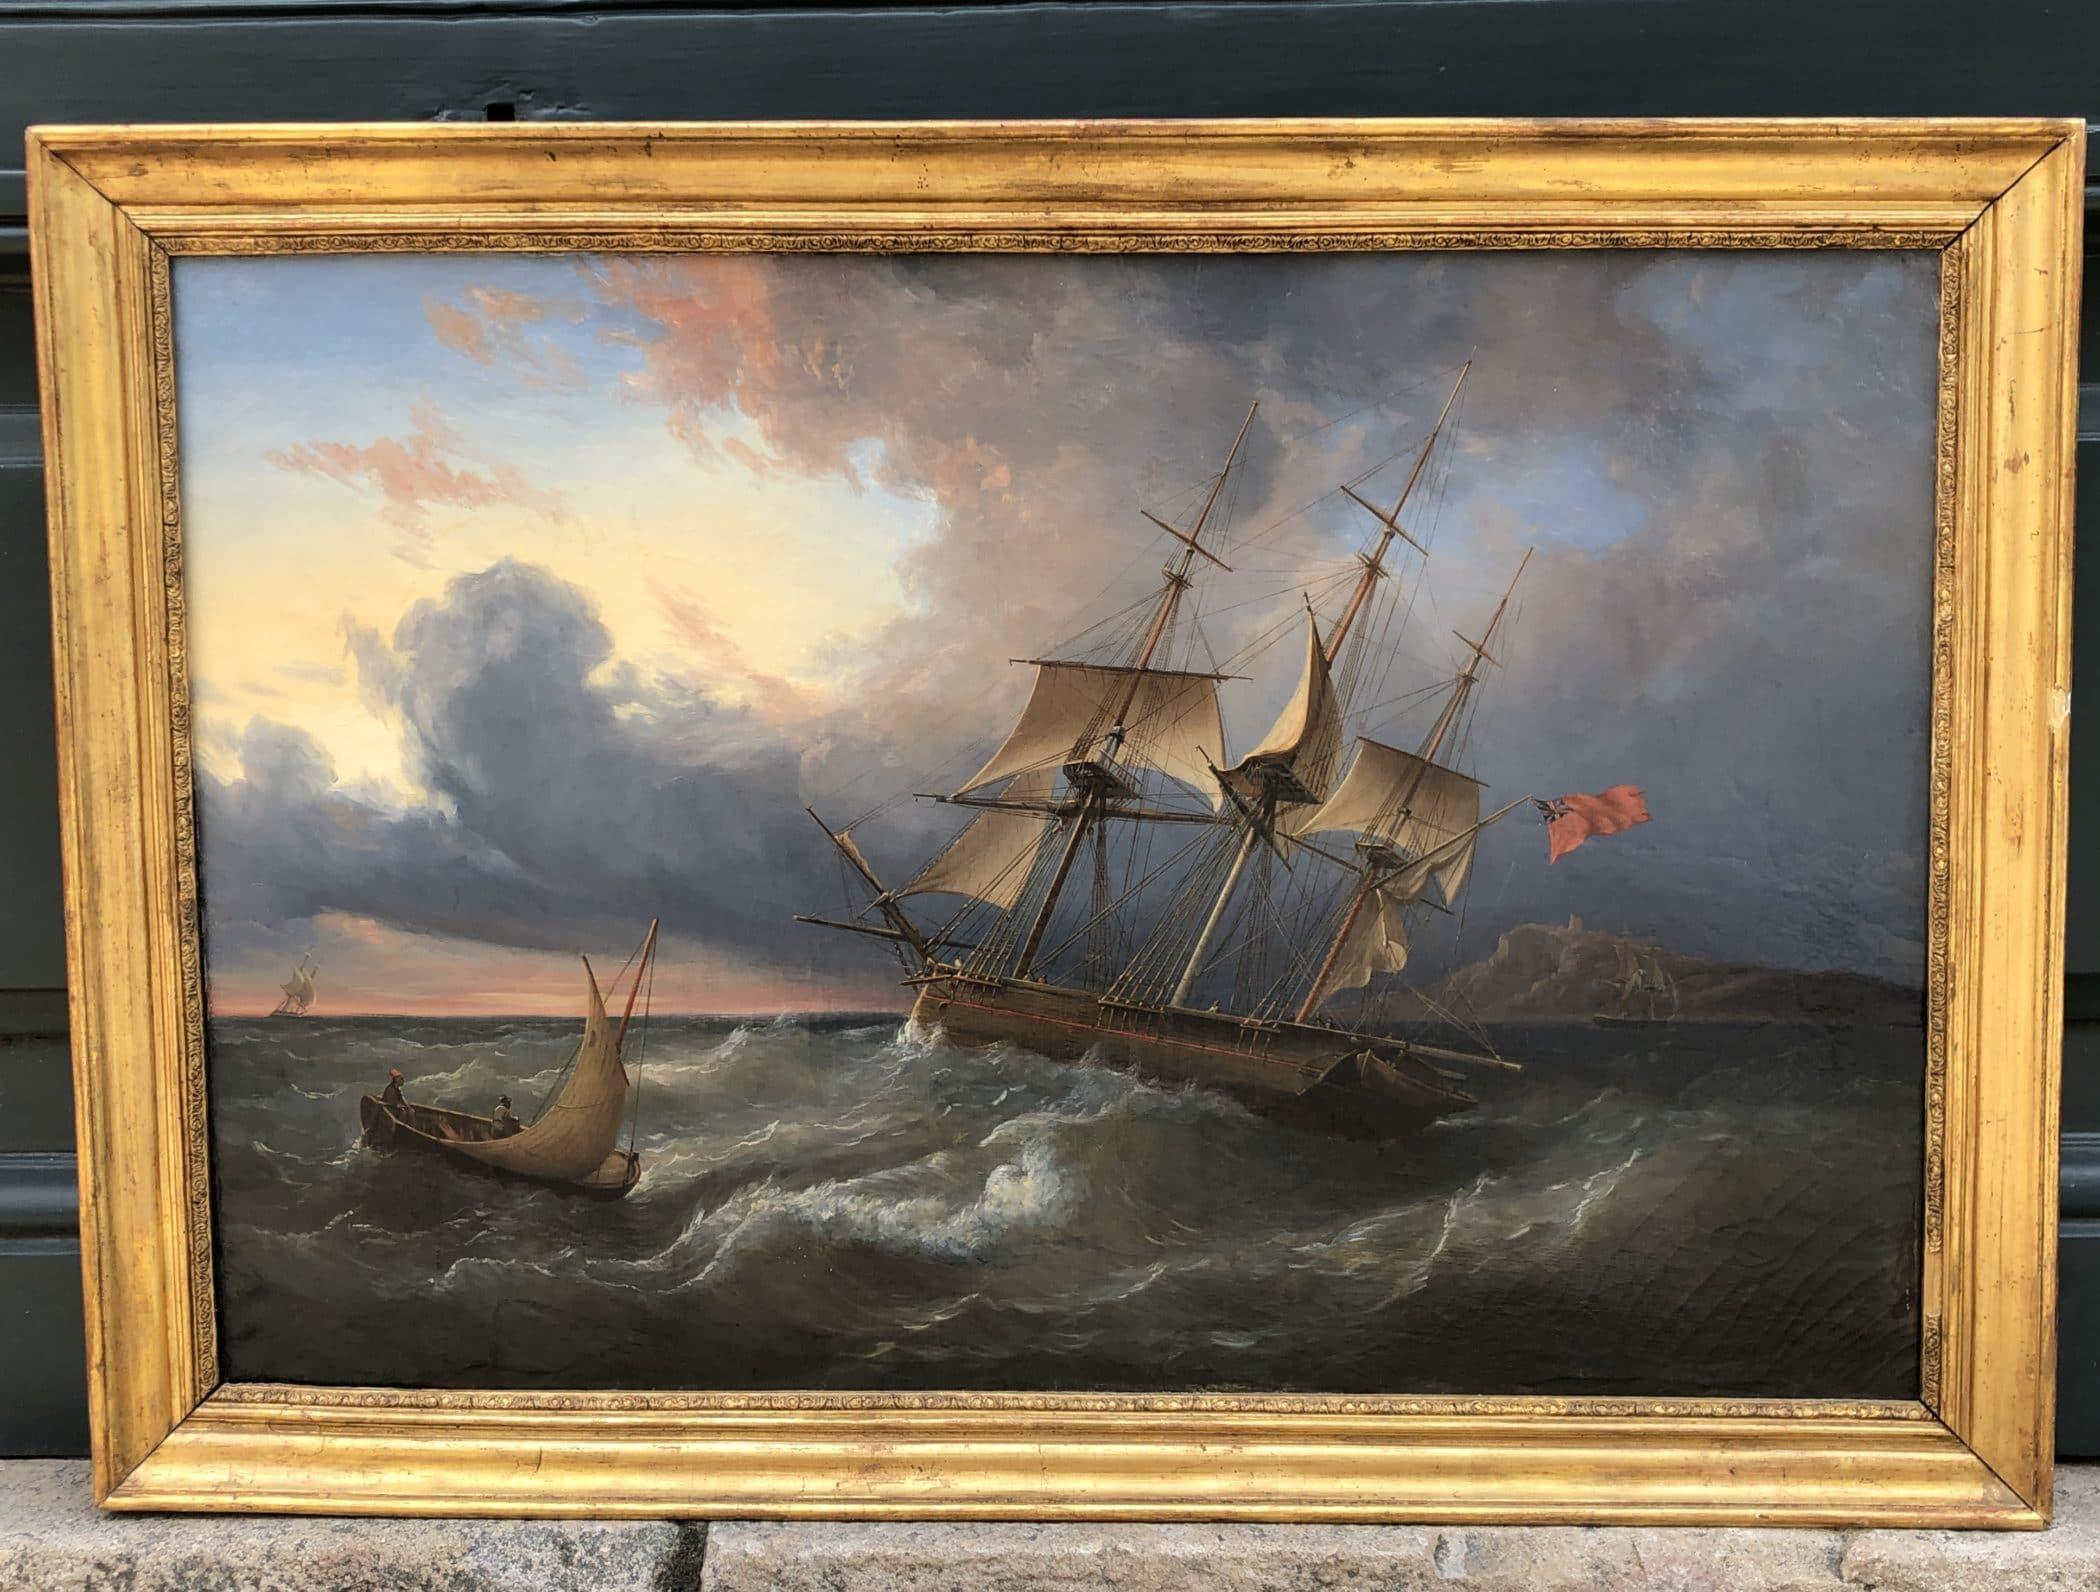 Marine anglaise, XIXe siècle